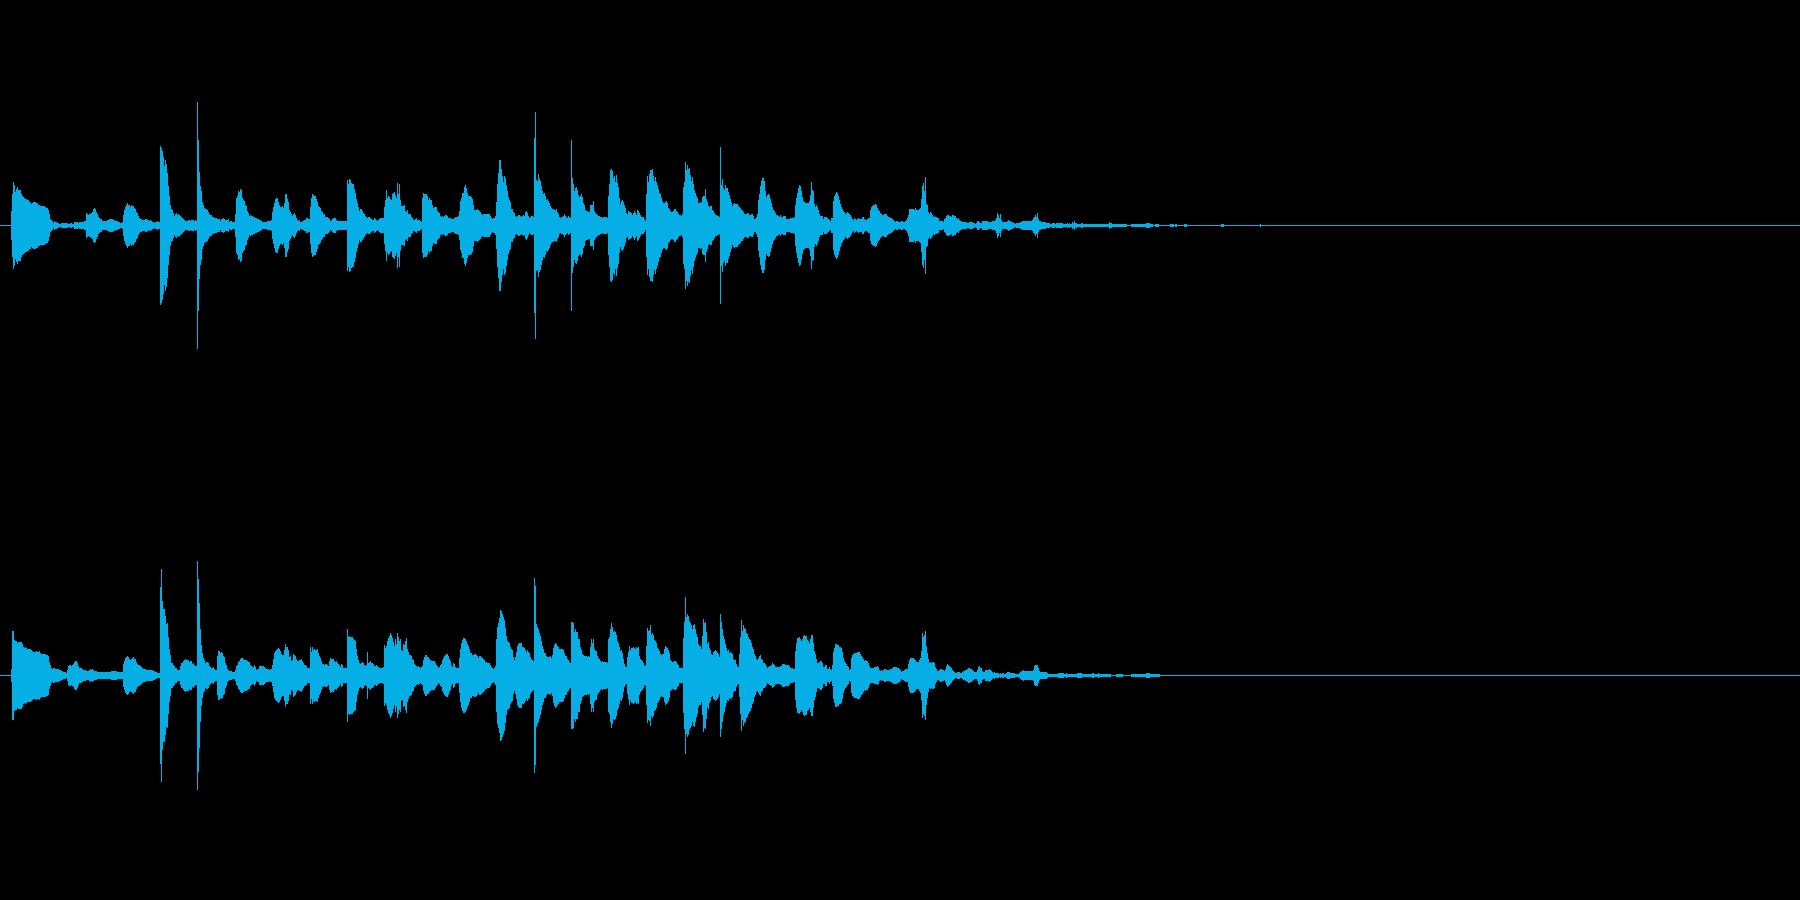 クリアで澄んだアラームの音の再生済みの波形